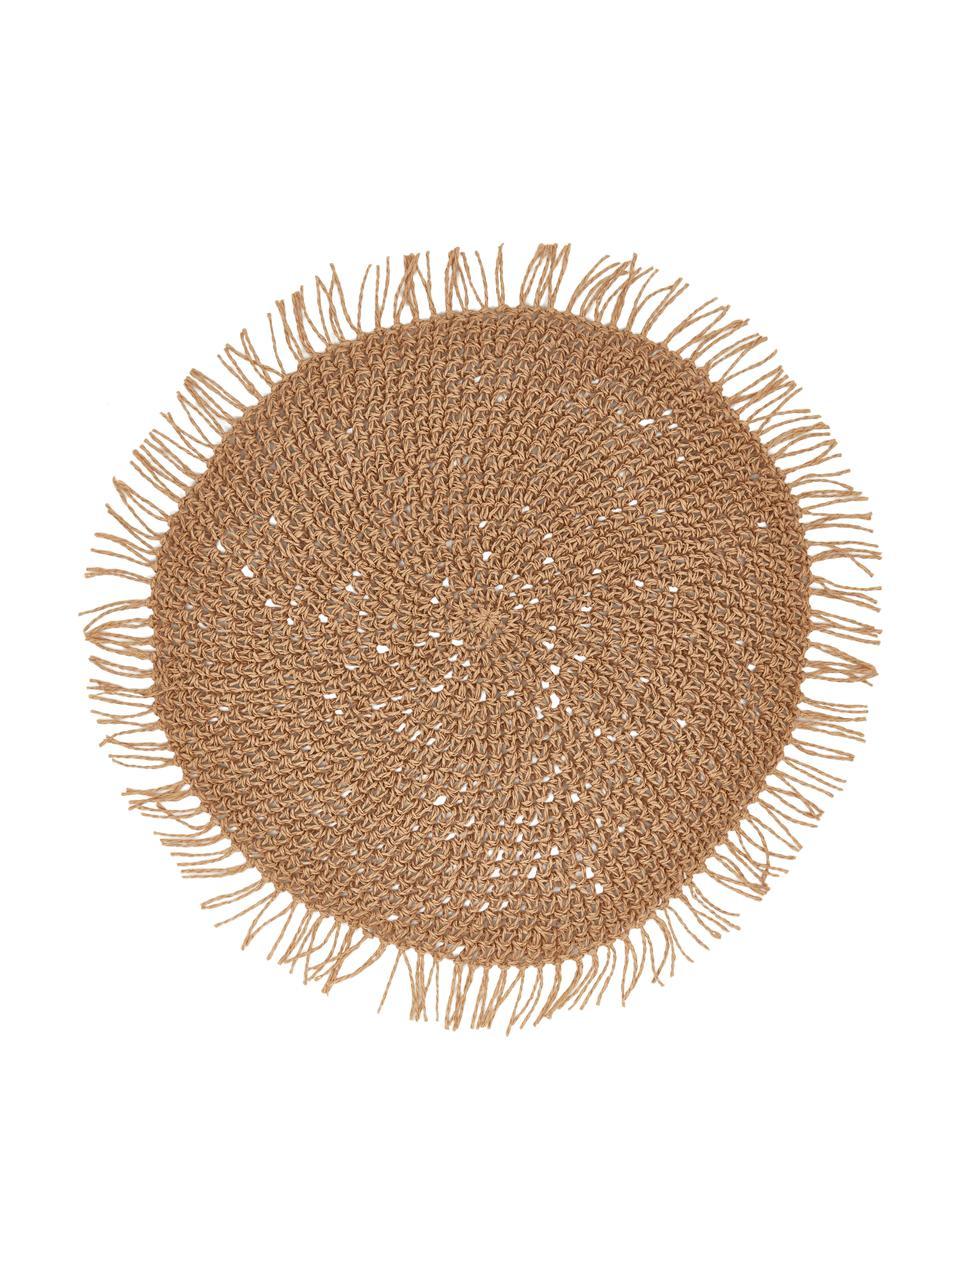 Ronde placemats Tressine, 6 stuks, Geweven papiervezels, Beige, Ø 38 cm